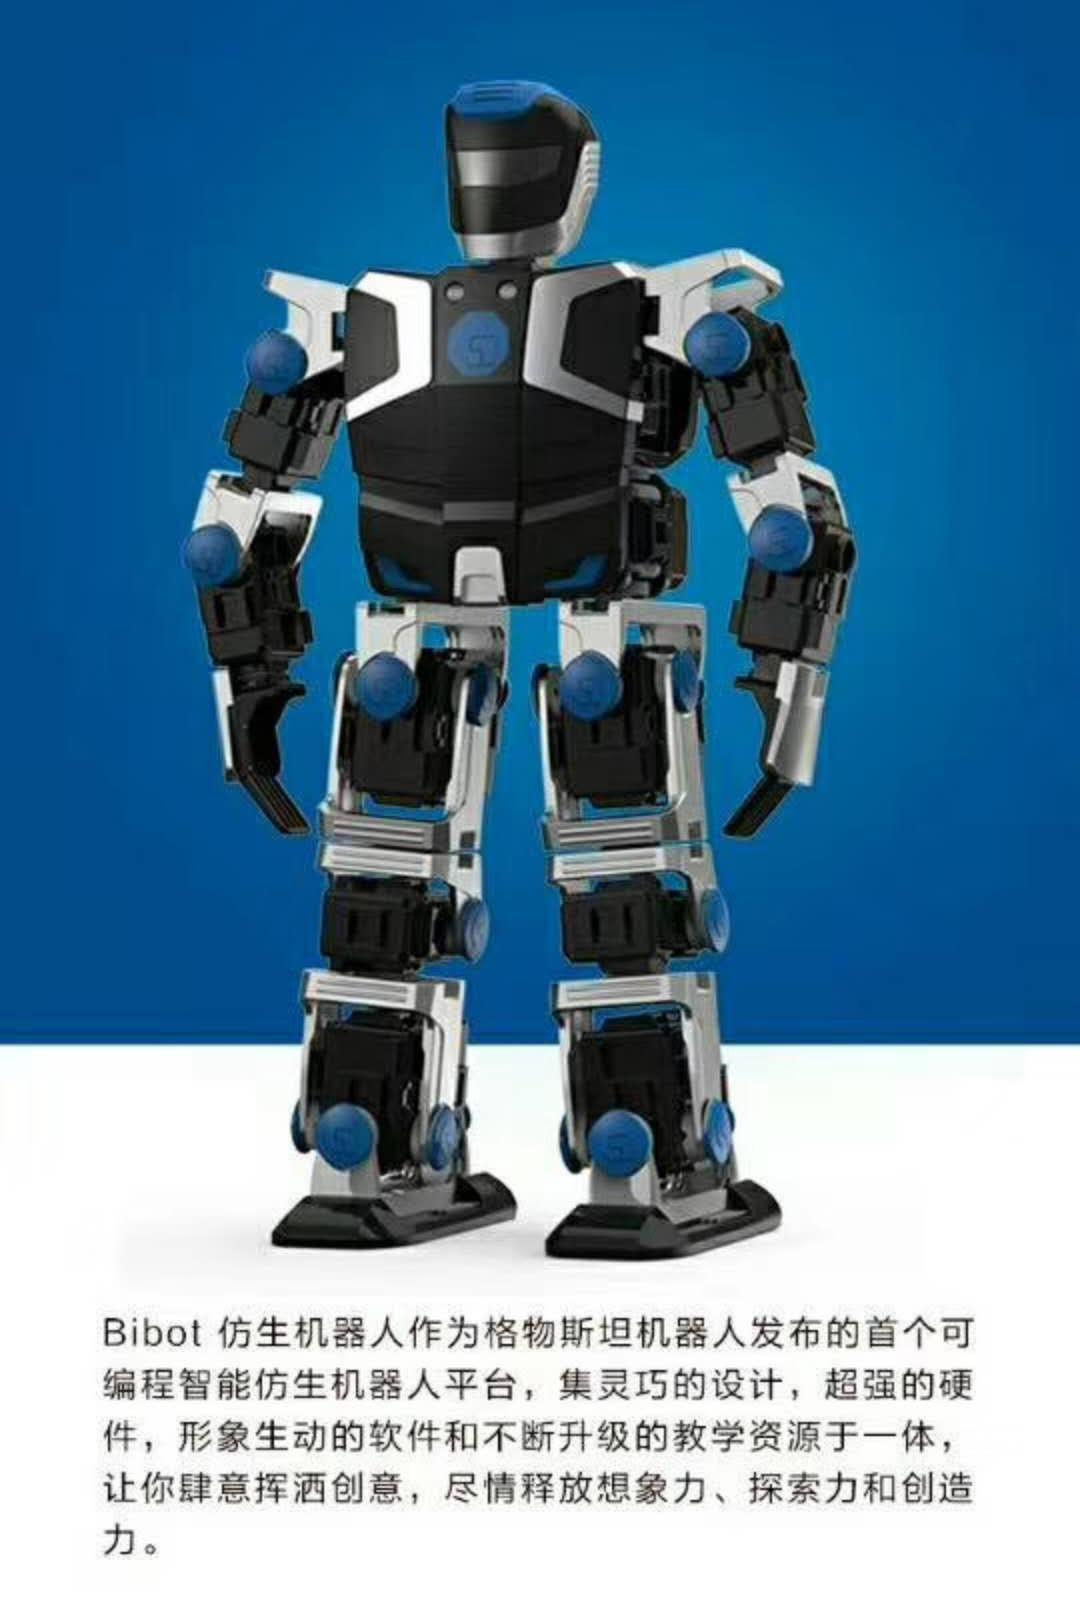 西湖格物斯坦机器人培训 高级机器人综合智能培训三墩中心